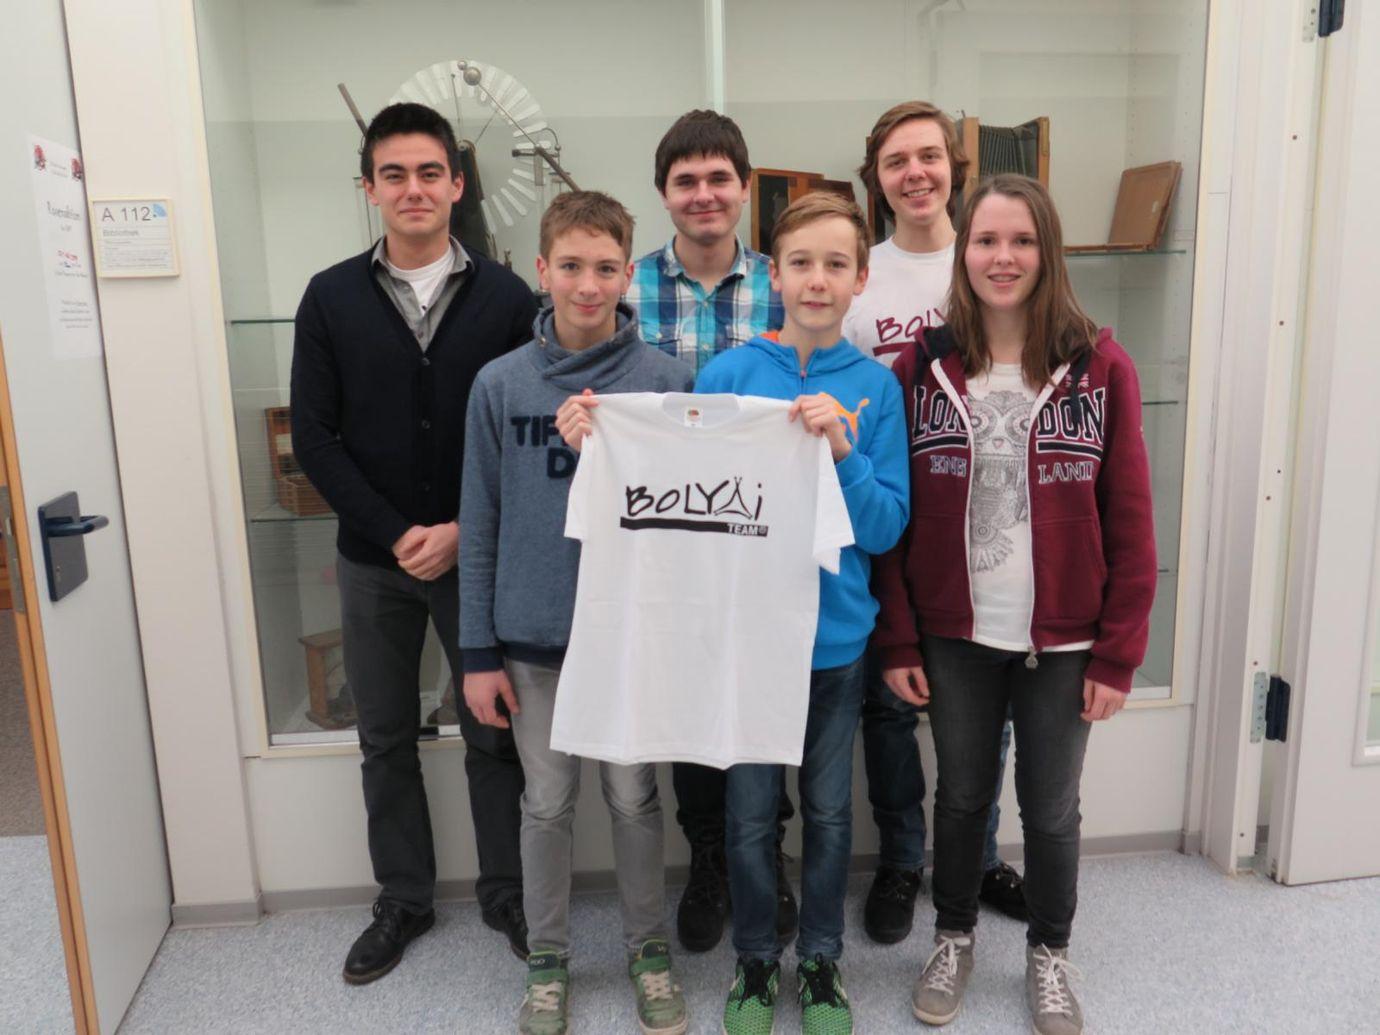 BOGY erfolgreich beim Bolyai-Teamwettbewerb Mathematik